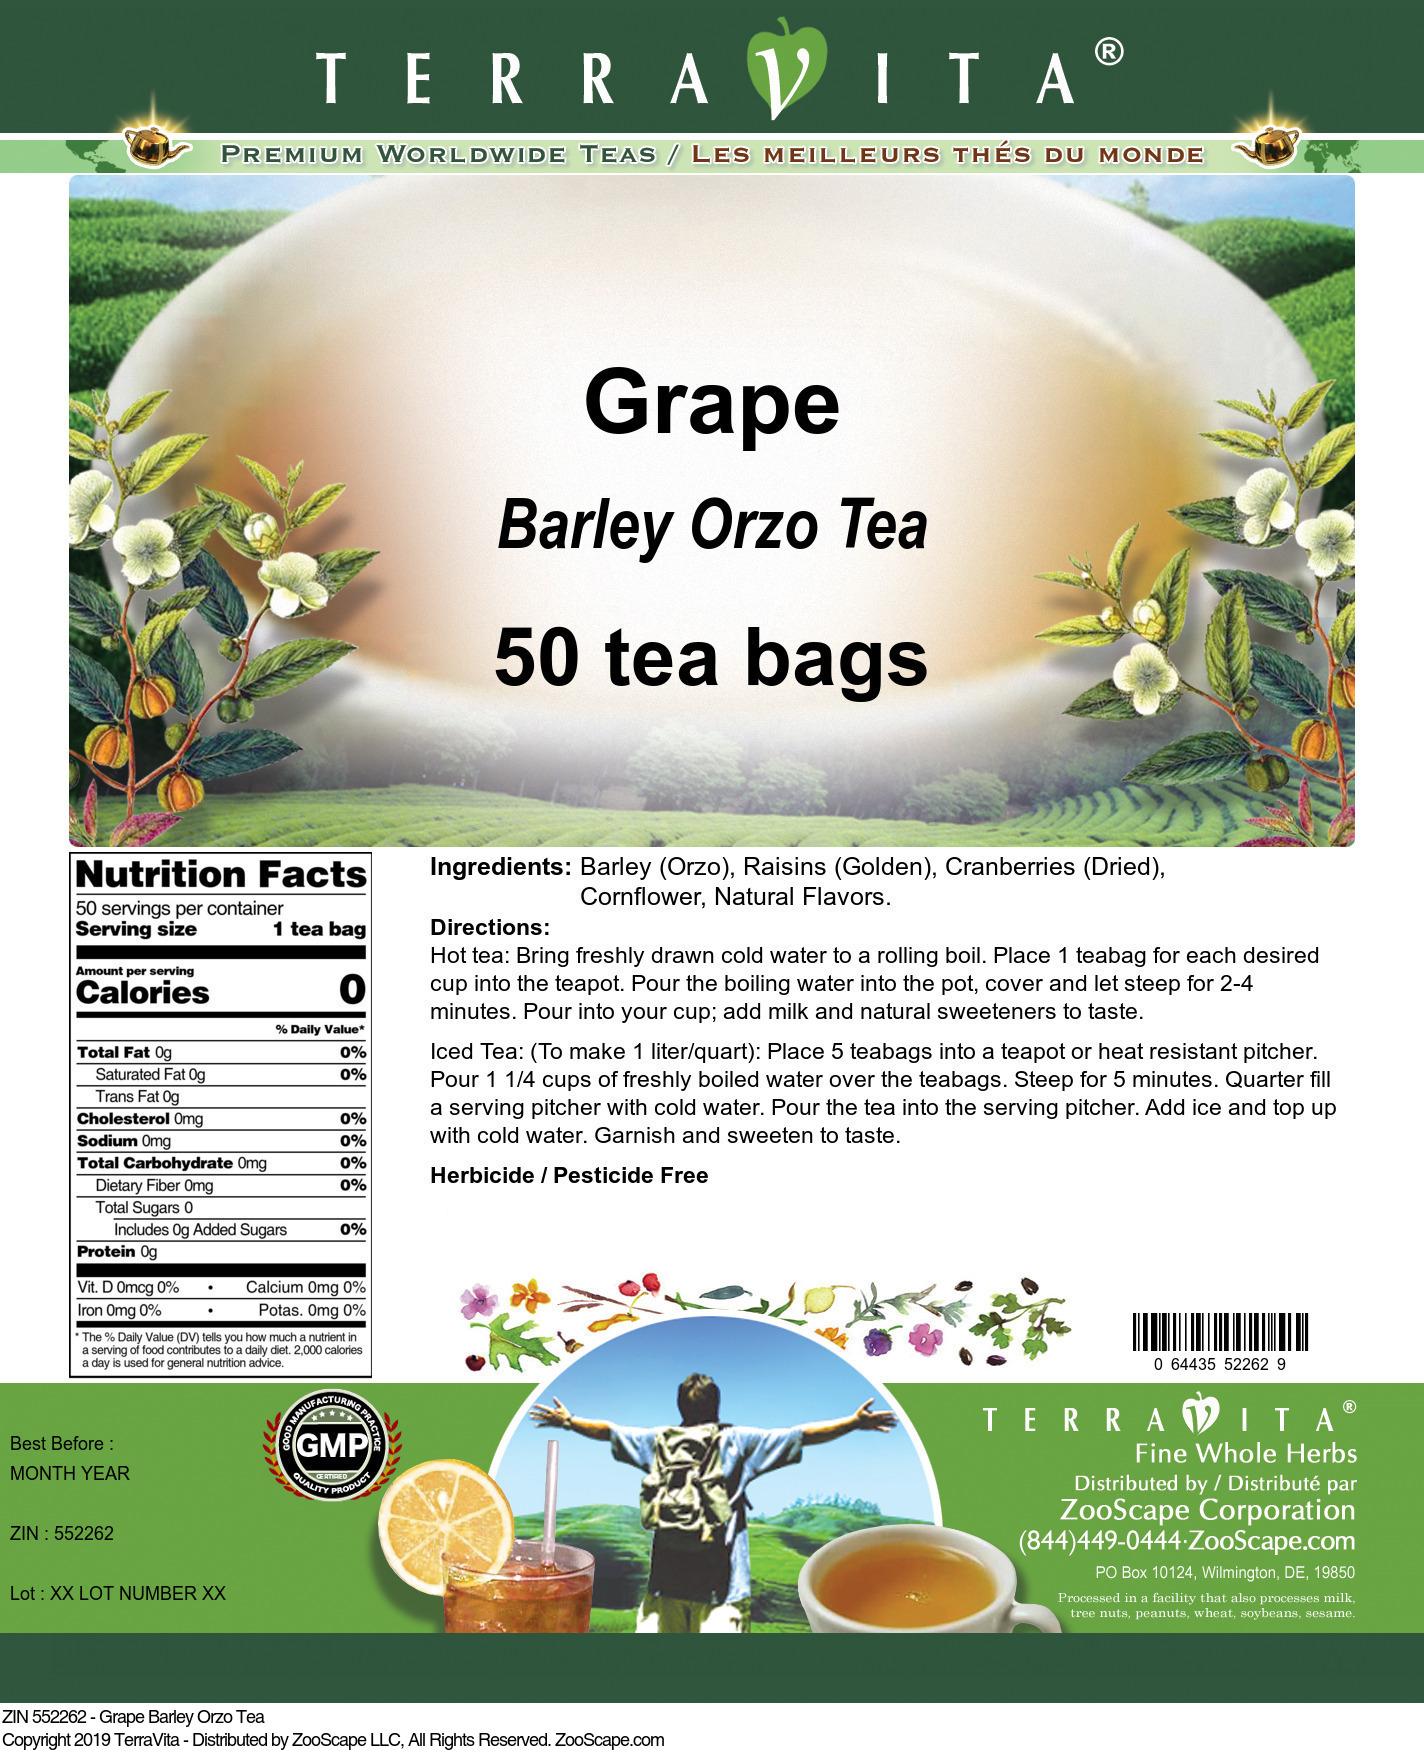 Grape Barley Orzo Tea